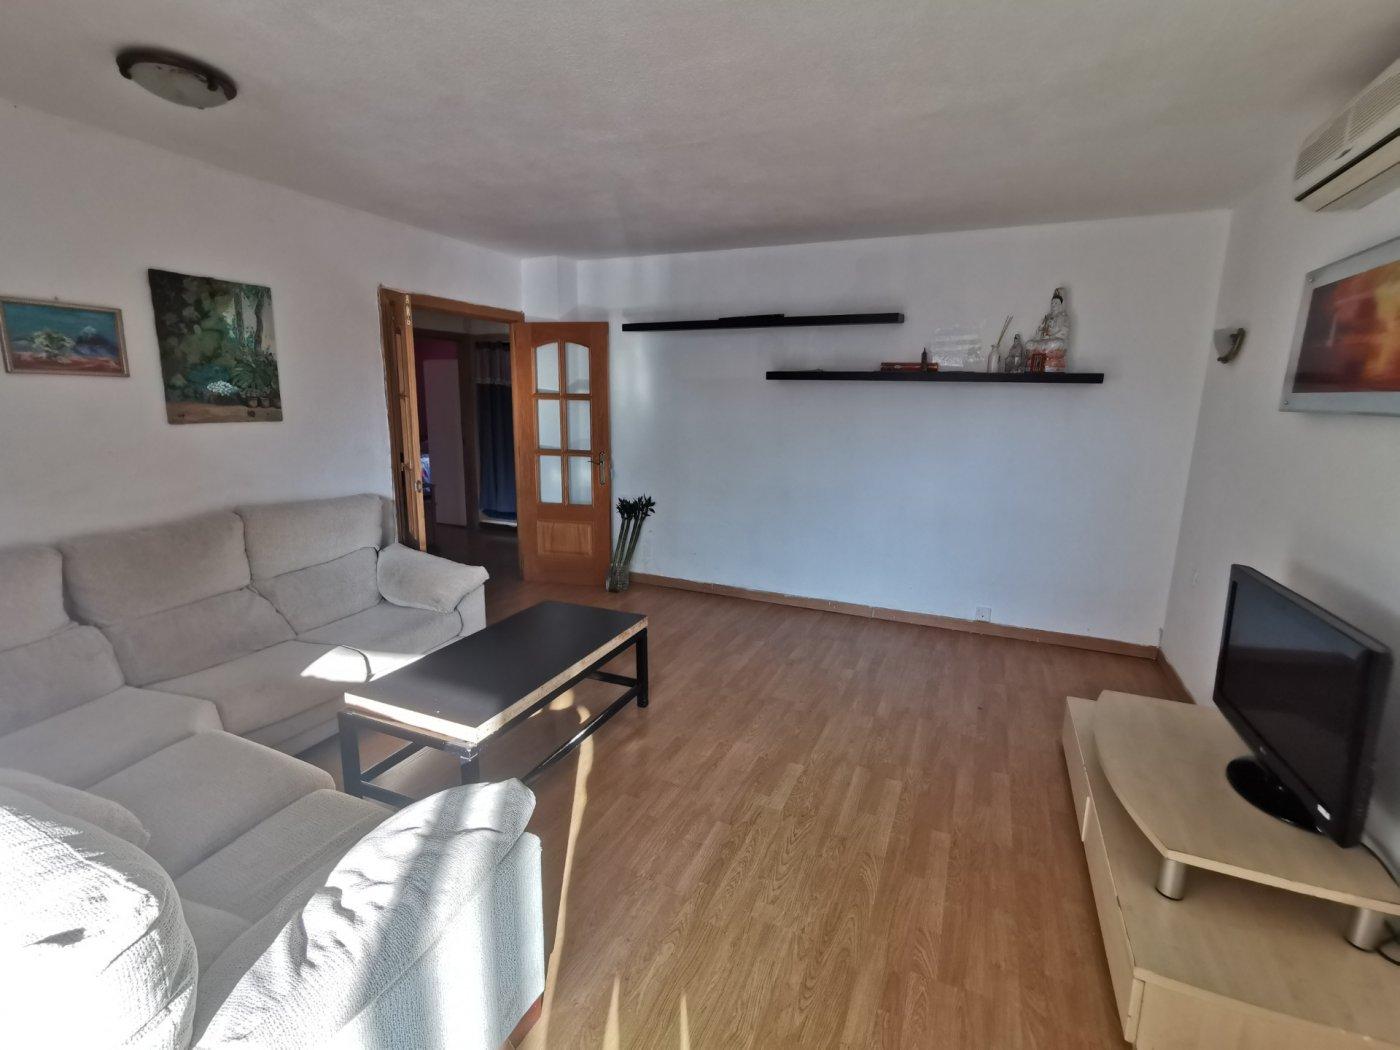 Se vende piso de dos dormitorios con piscina y parking comunitaria - imagenInmueble13